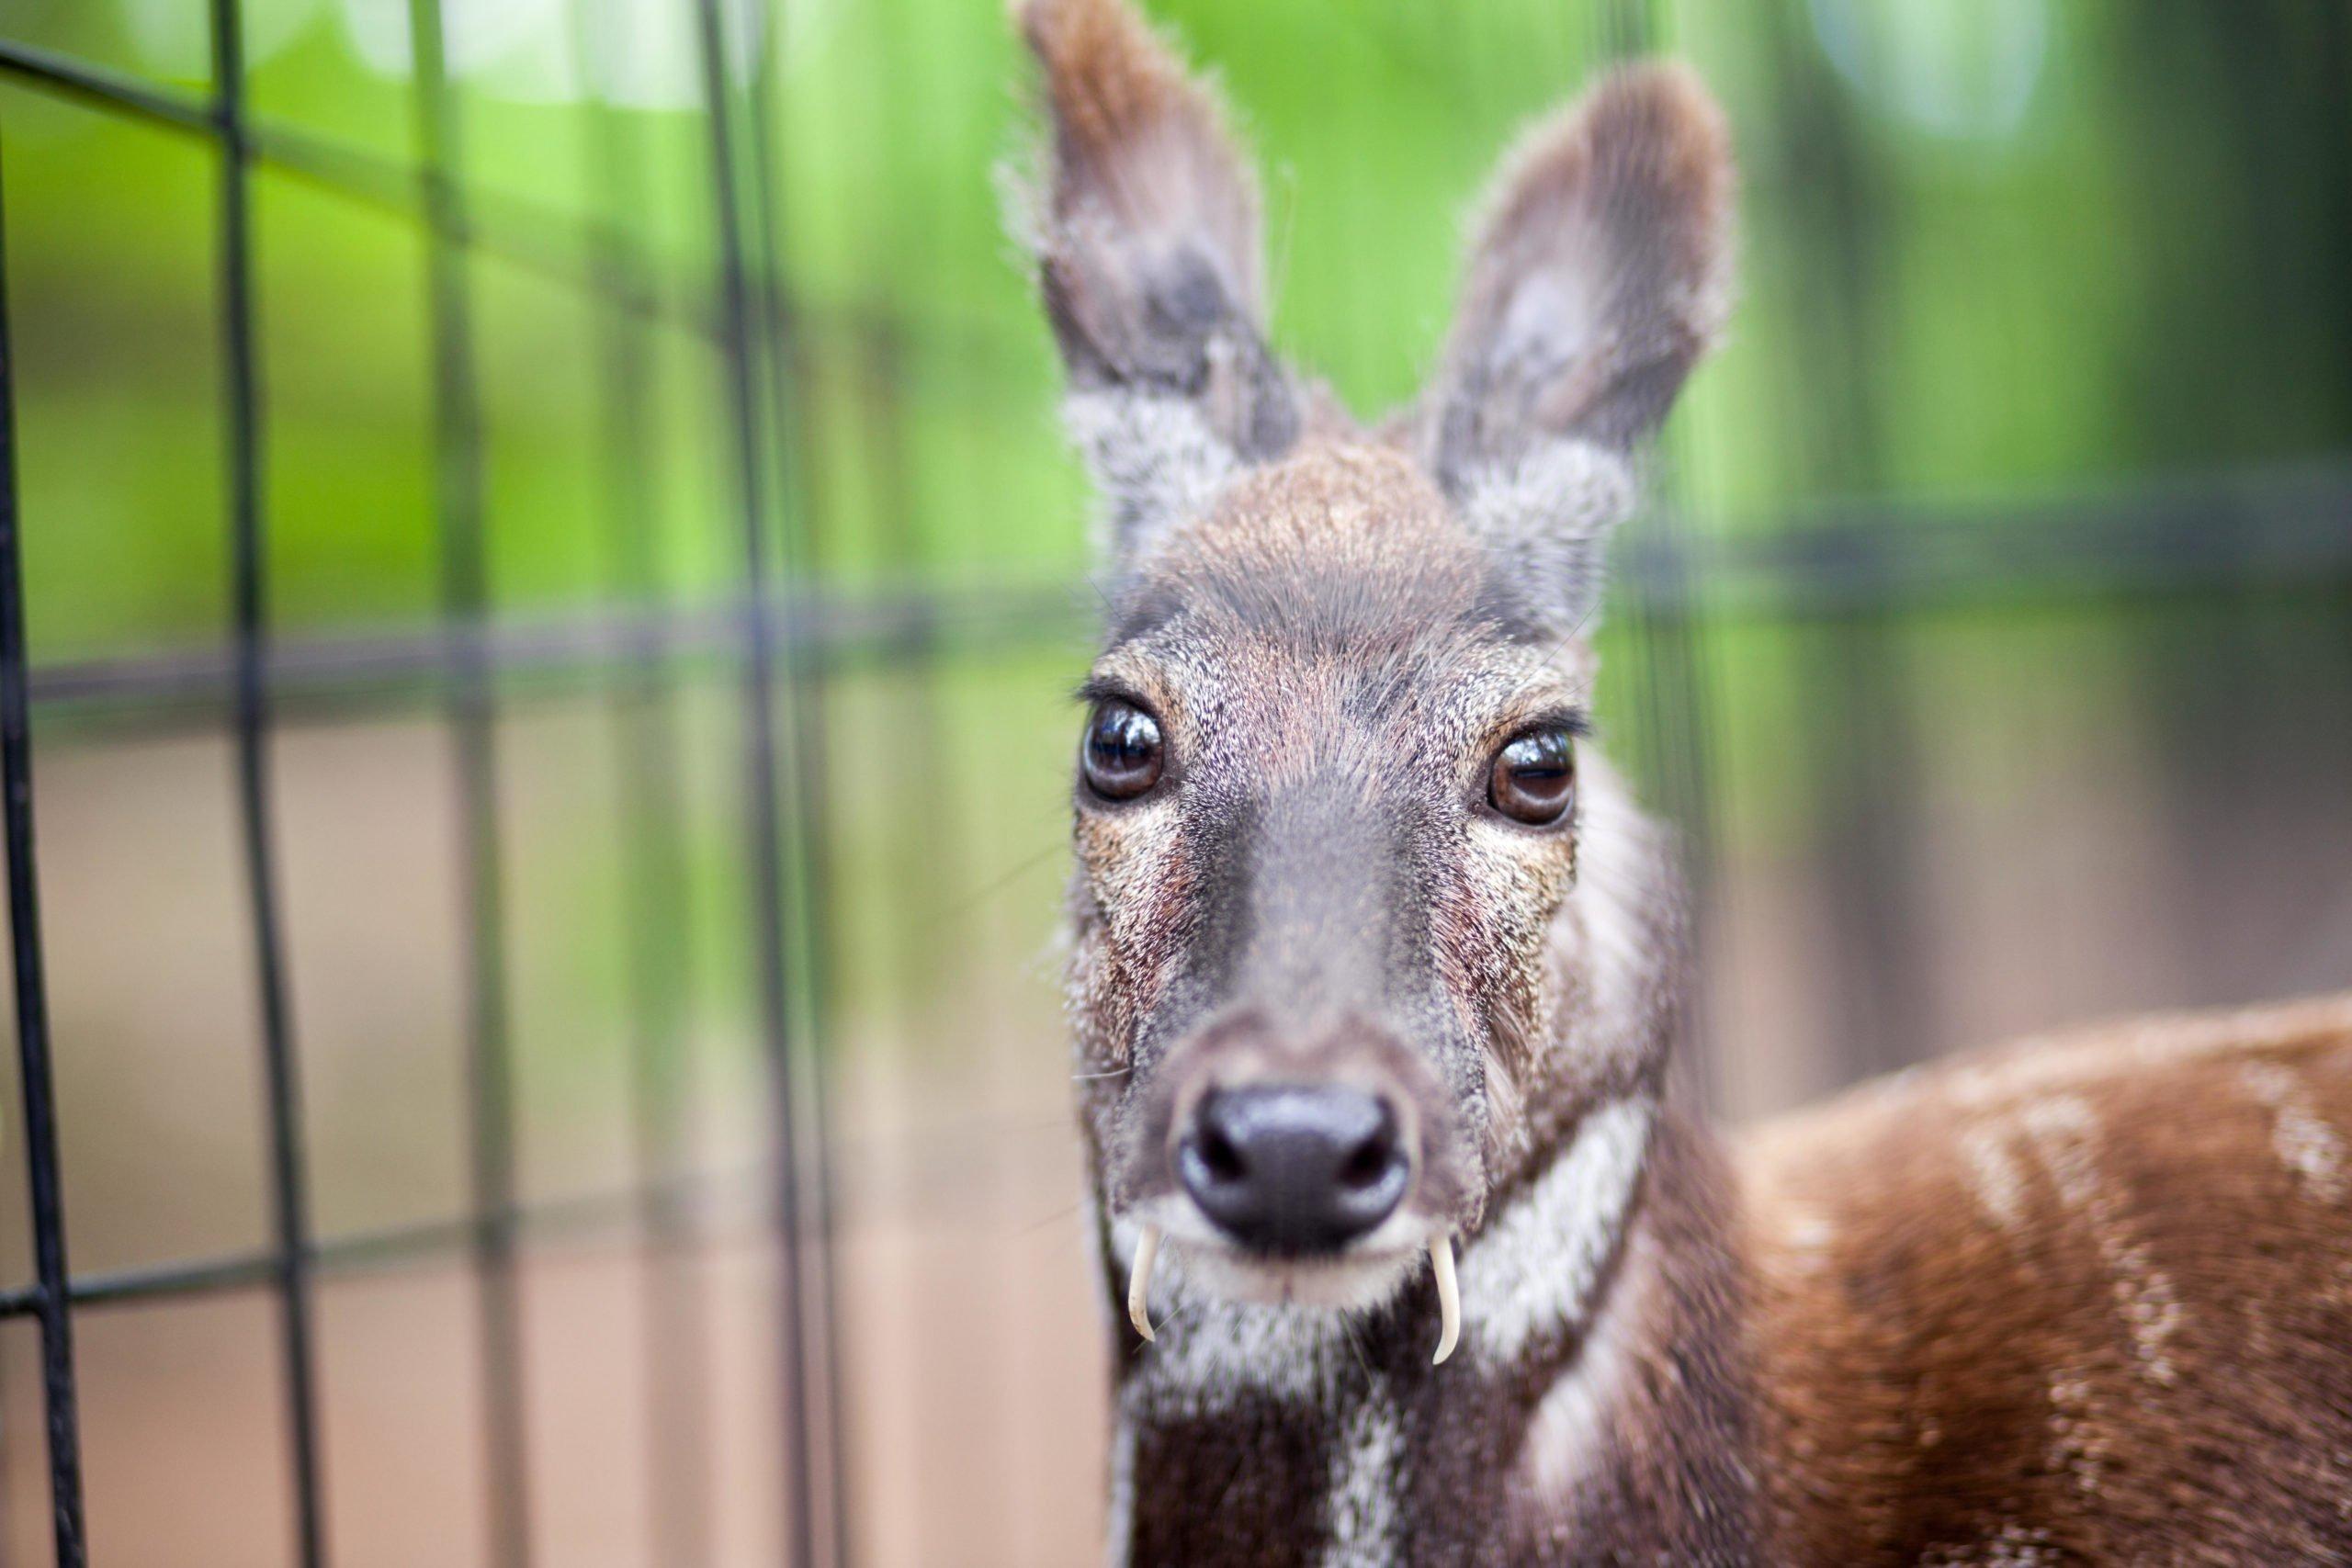 A Siberian musk deer in captivity